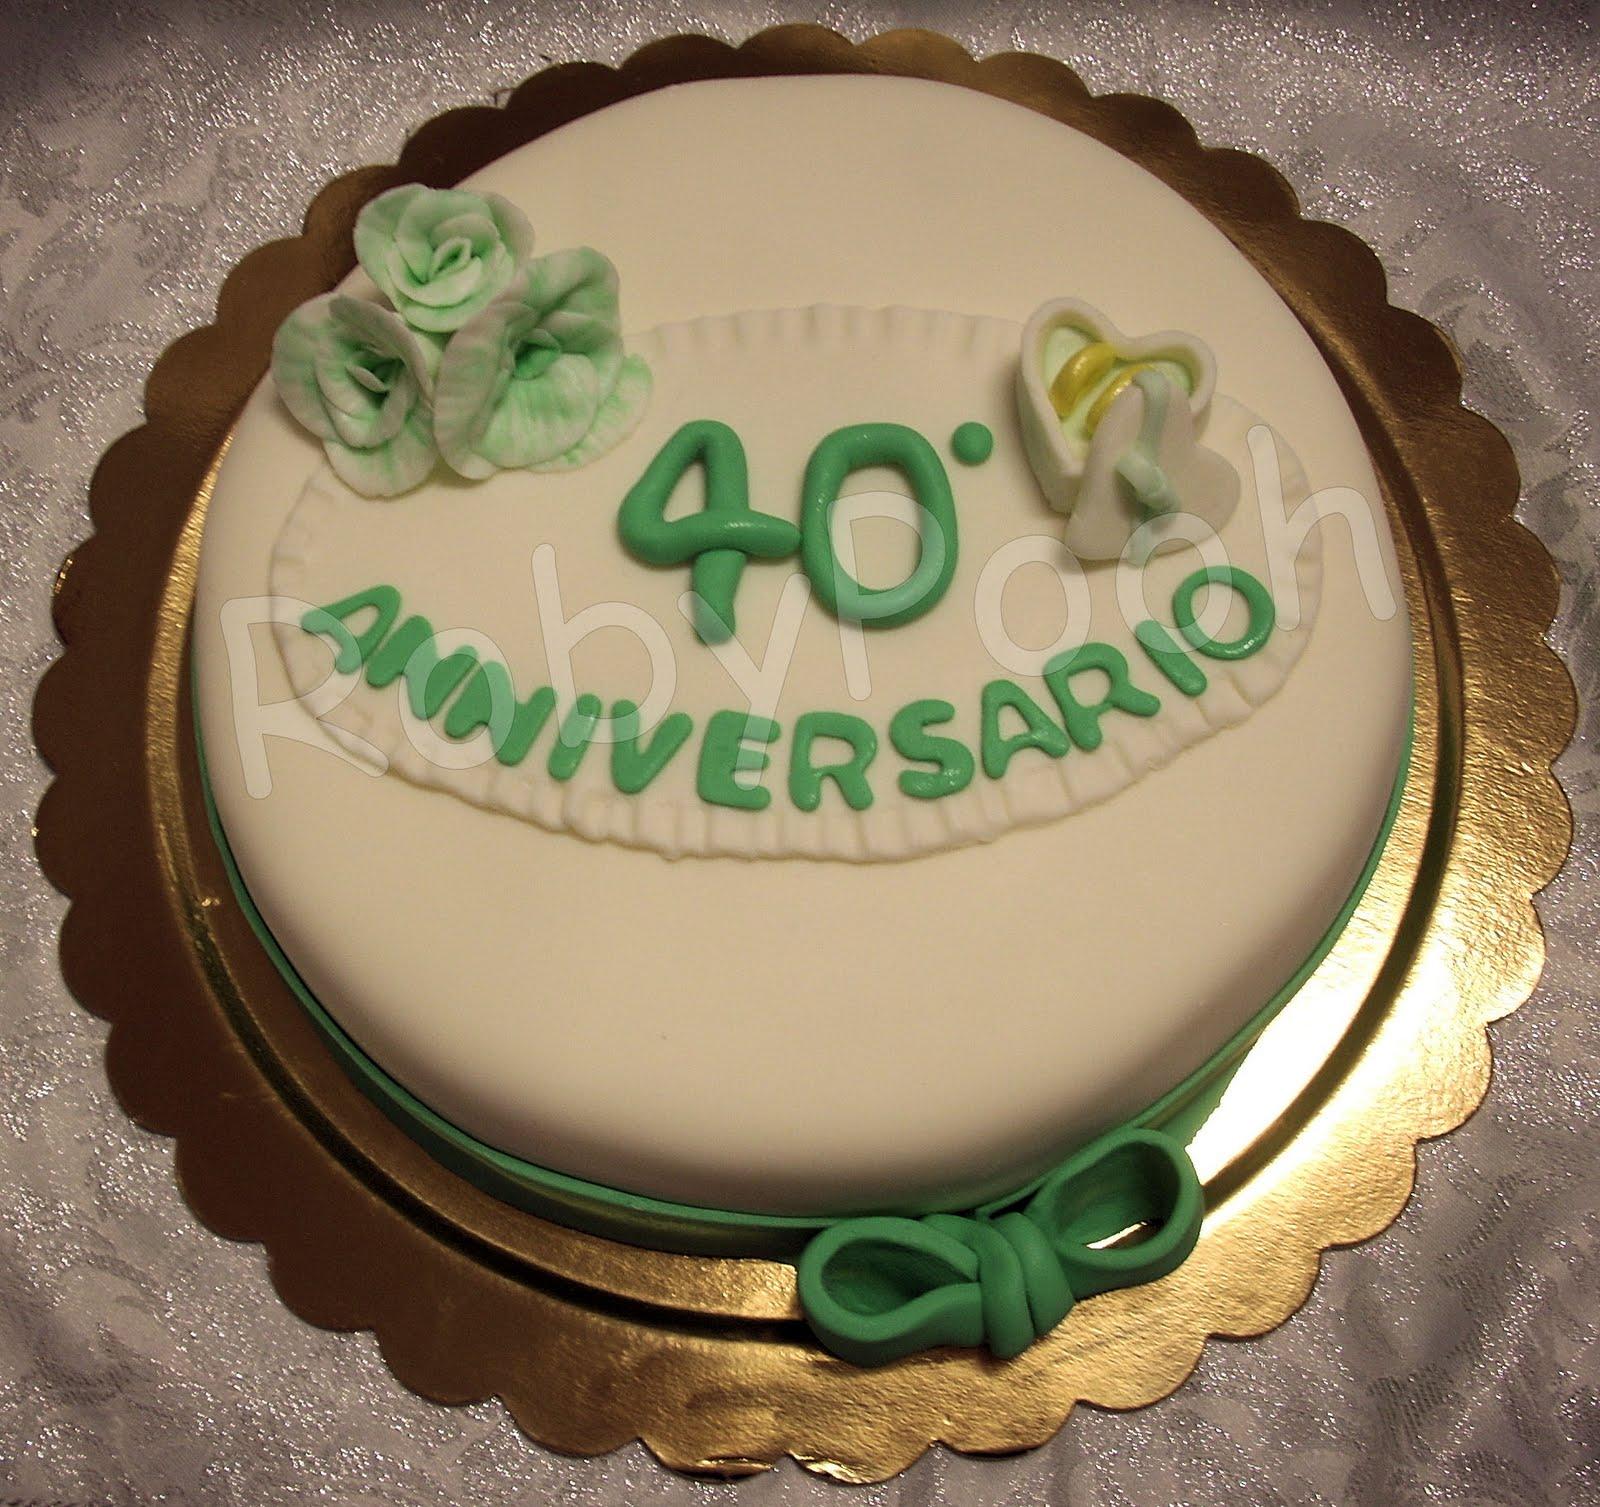 Bomboniere per anniversario di matrimonio 40 anni de21 for 40 anni di matrimonio